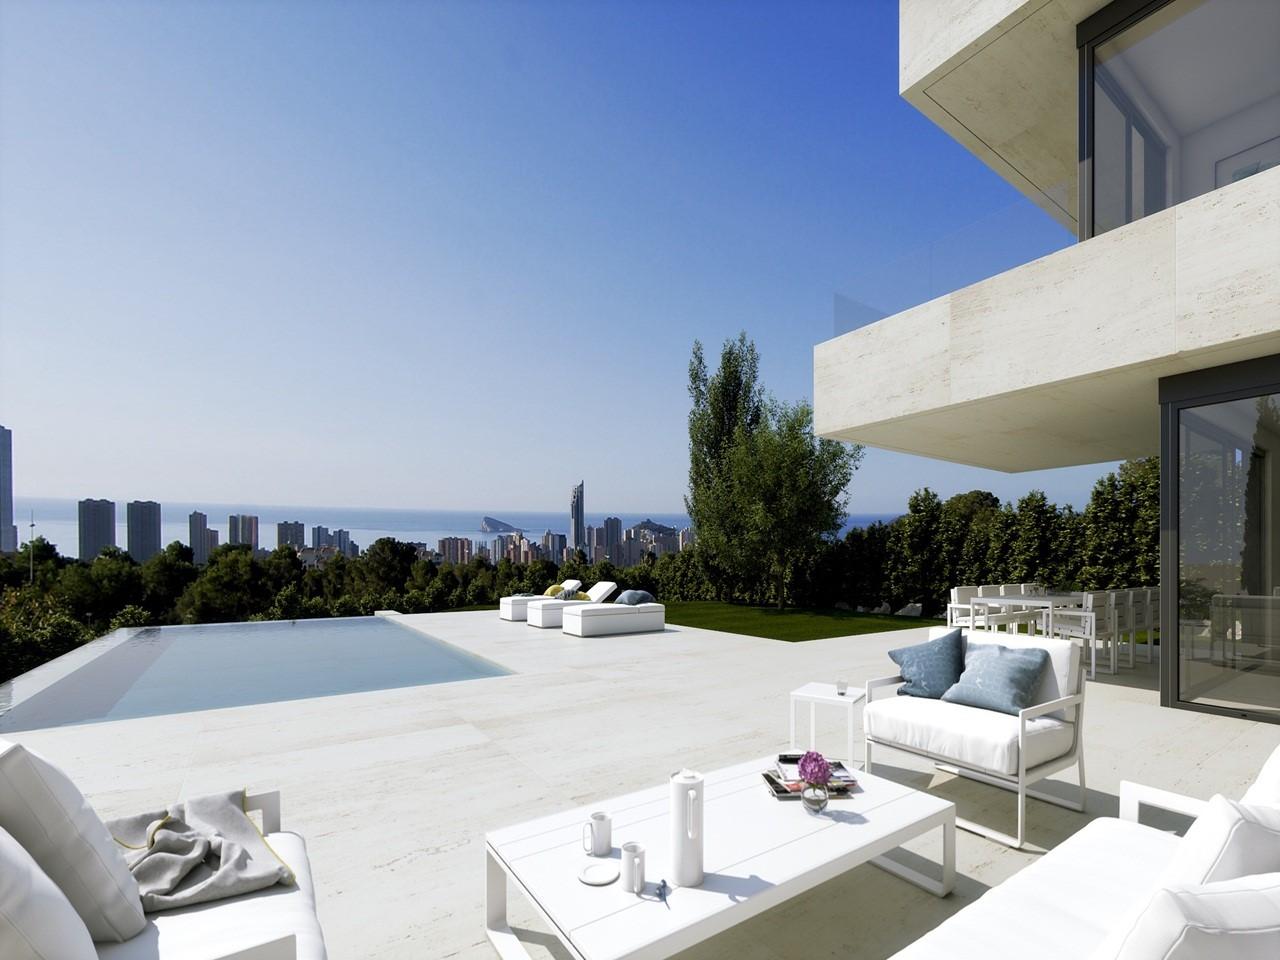 Villa de luxe de 4 chambres en vente Finestrat, Espagne